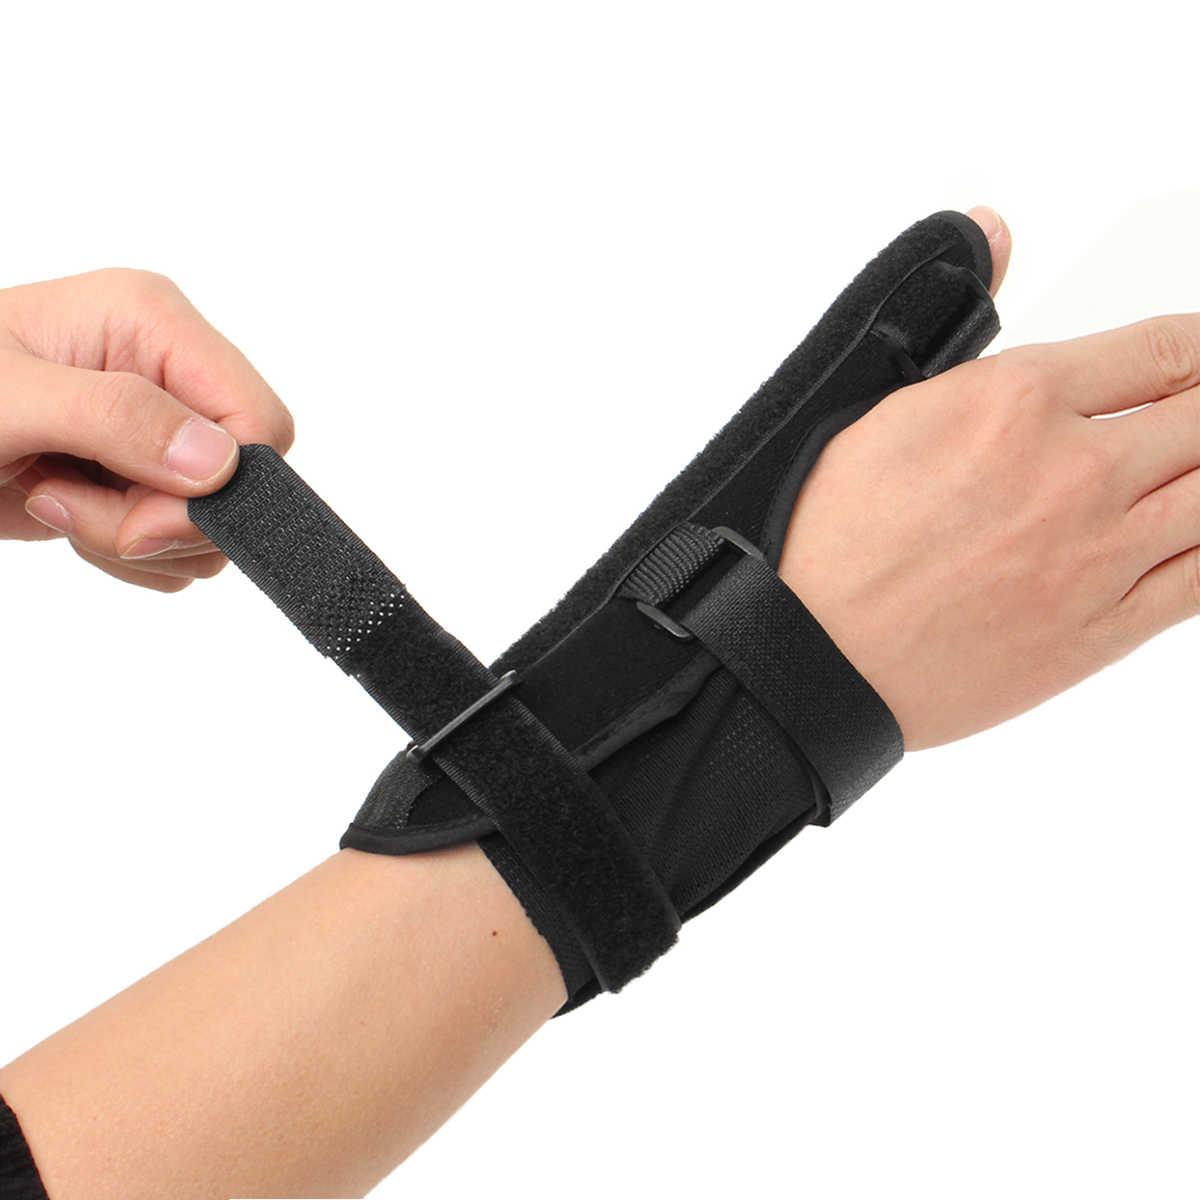 Фиксатор для большого пальца, фиксатор для поддержки запястья, спортивный ремень, стабилизатор артрита, коррекция травм, палец, боль, шина, защита сухожилия